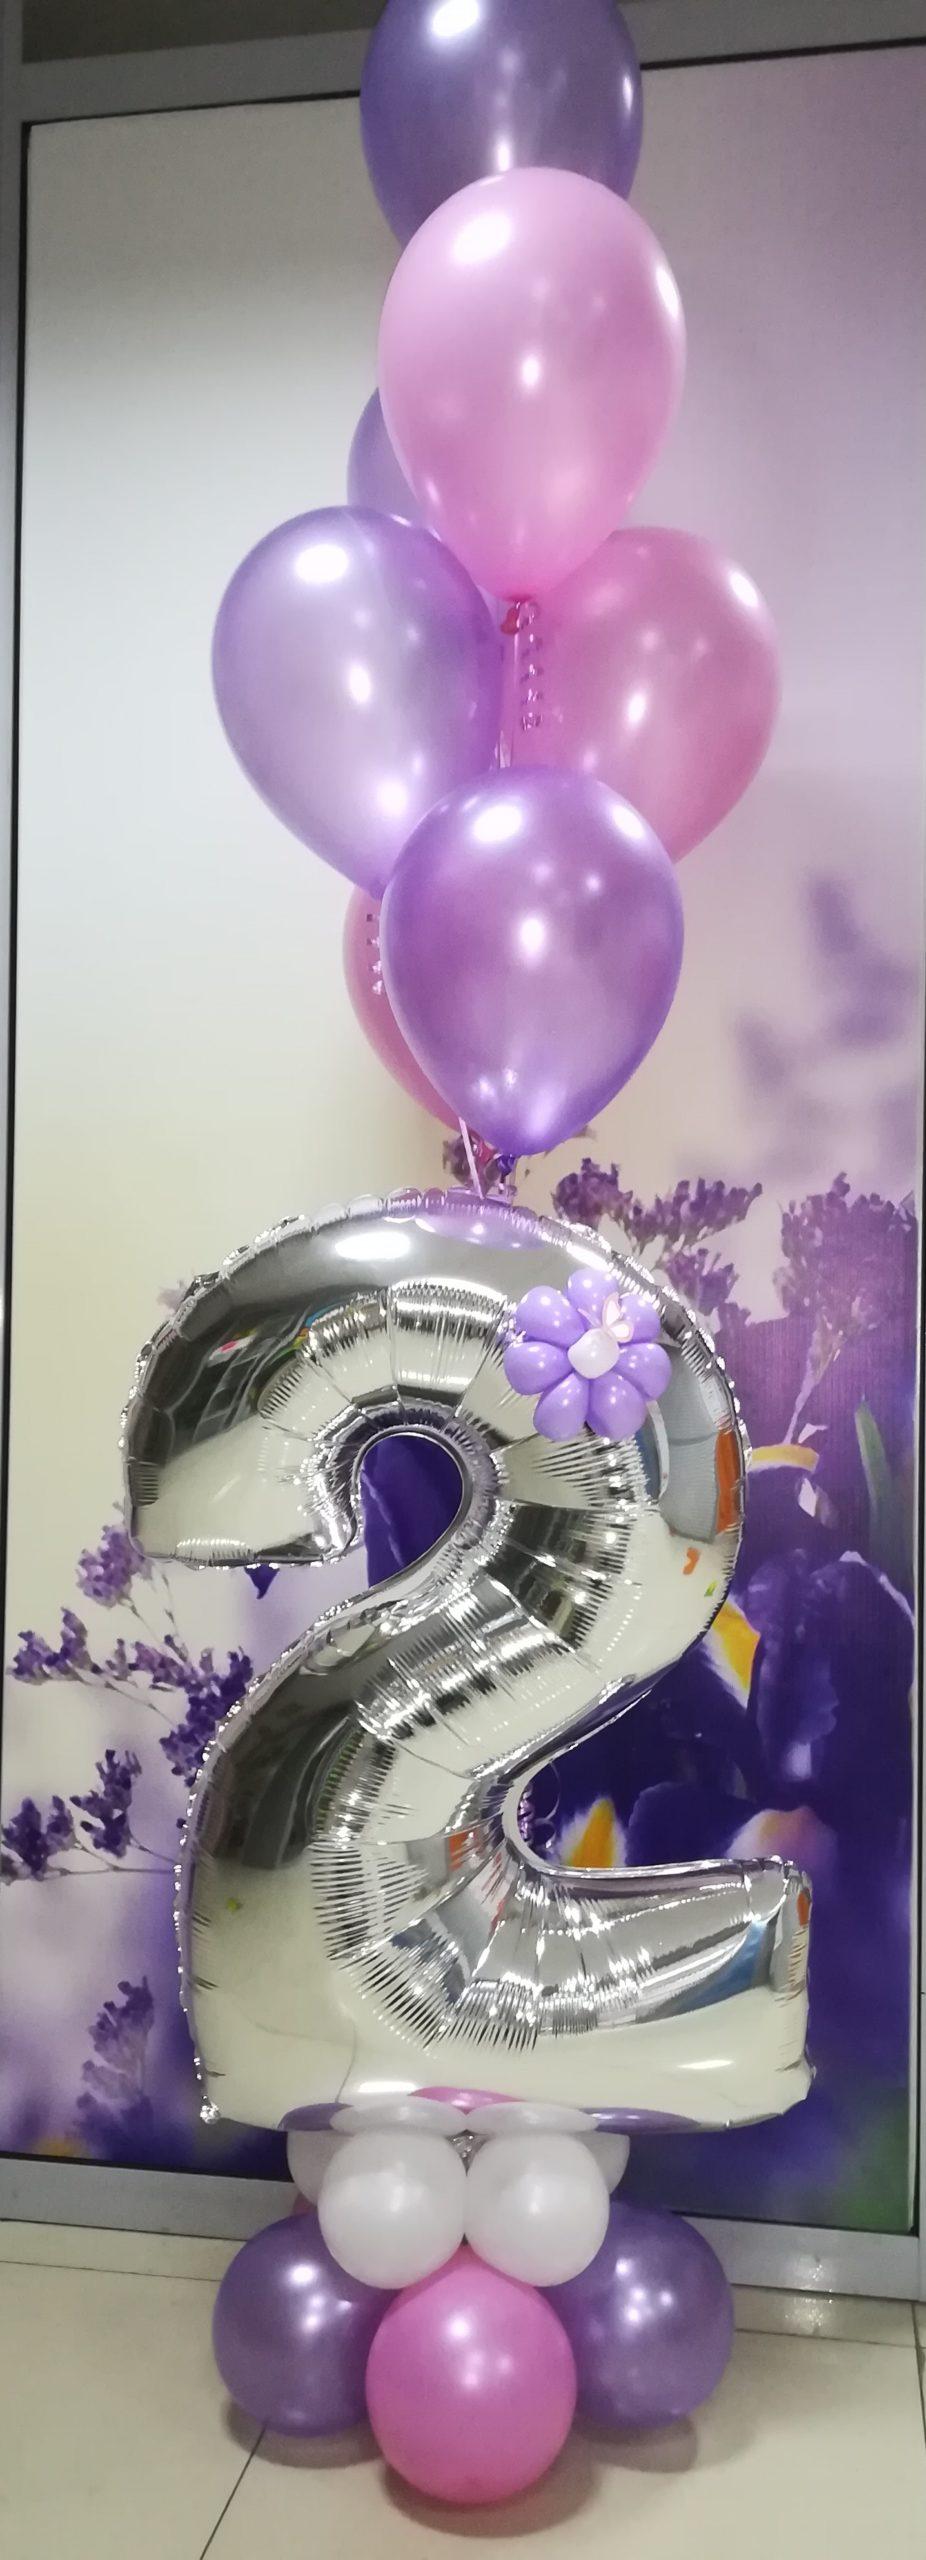 Цифра на подставке с шарами